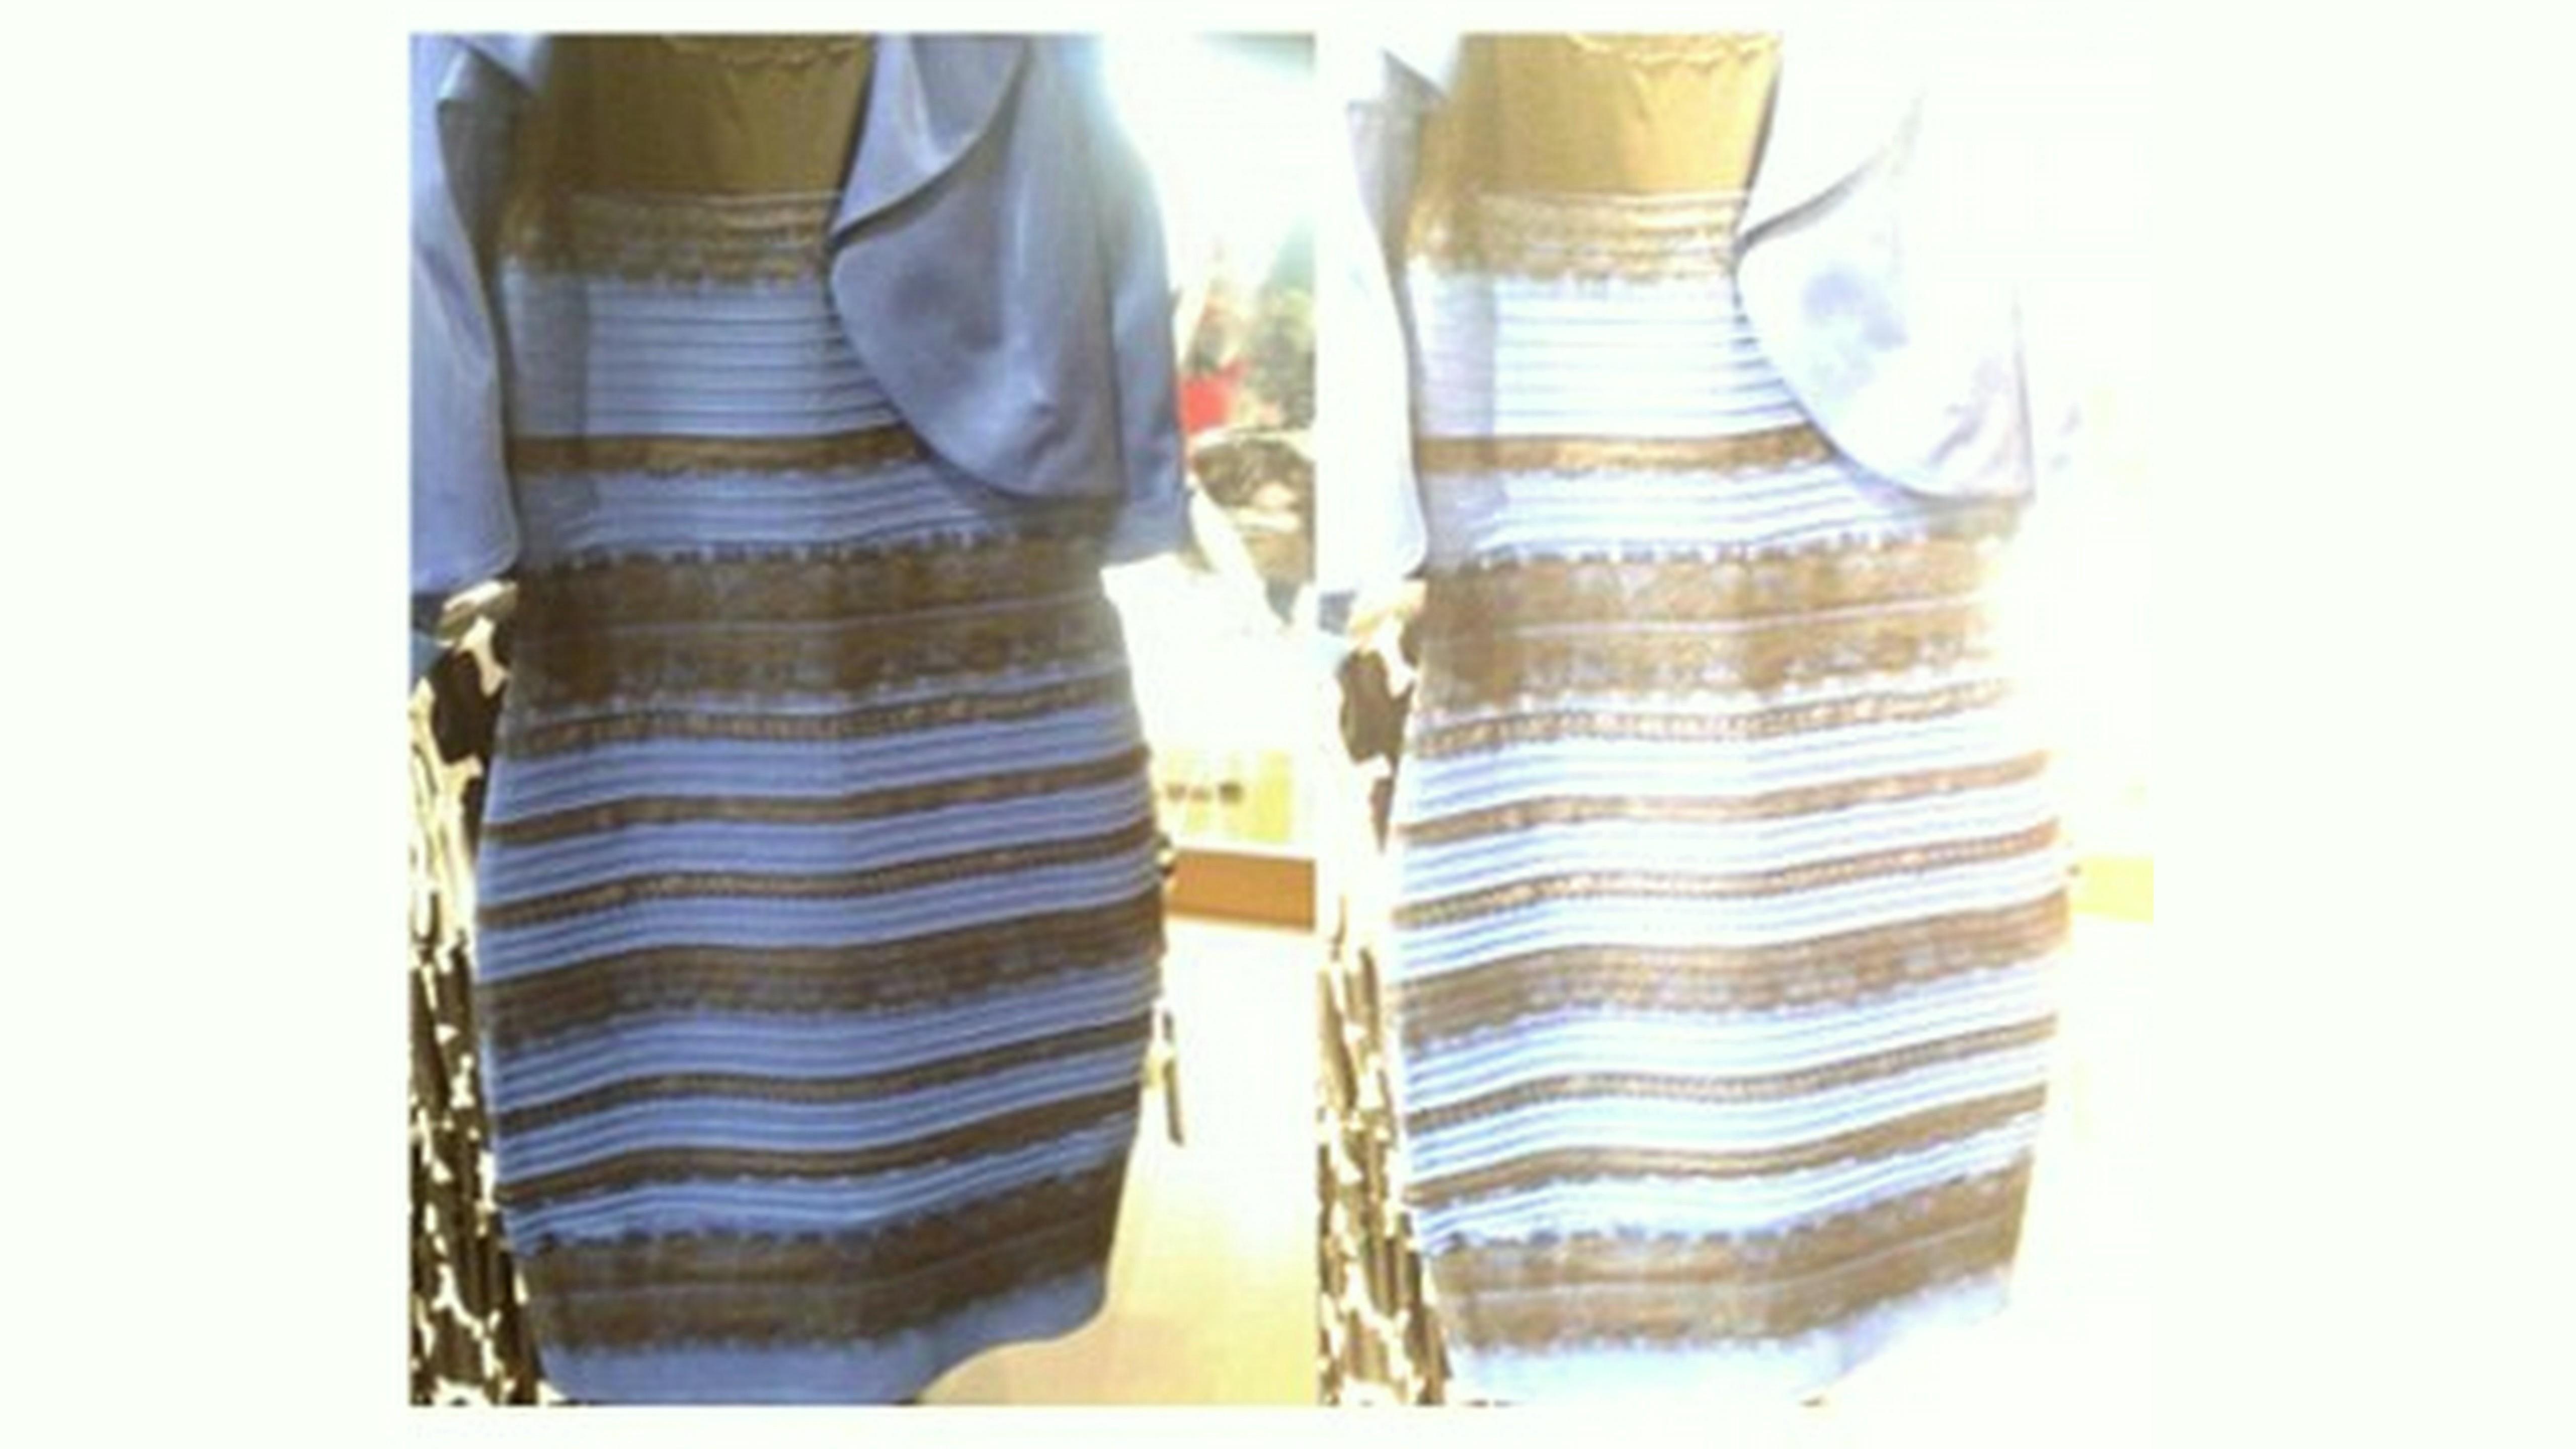 974179fd4ef6 Modro-čierne alebo zlato-biele  Pre šaty sa háda celý svet